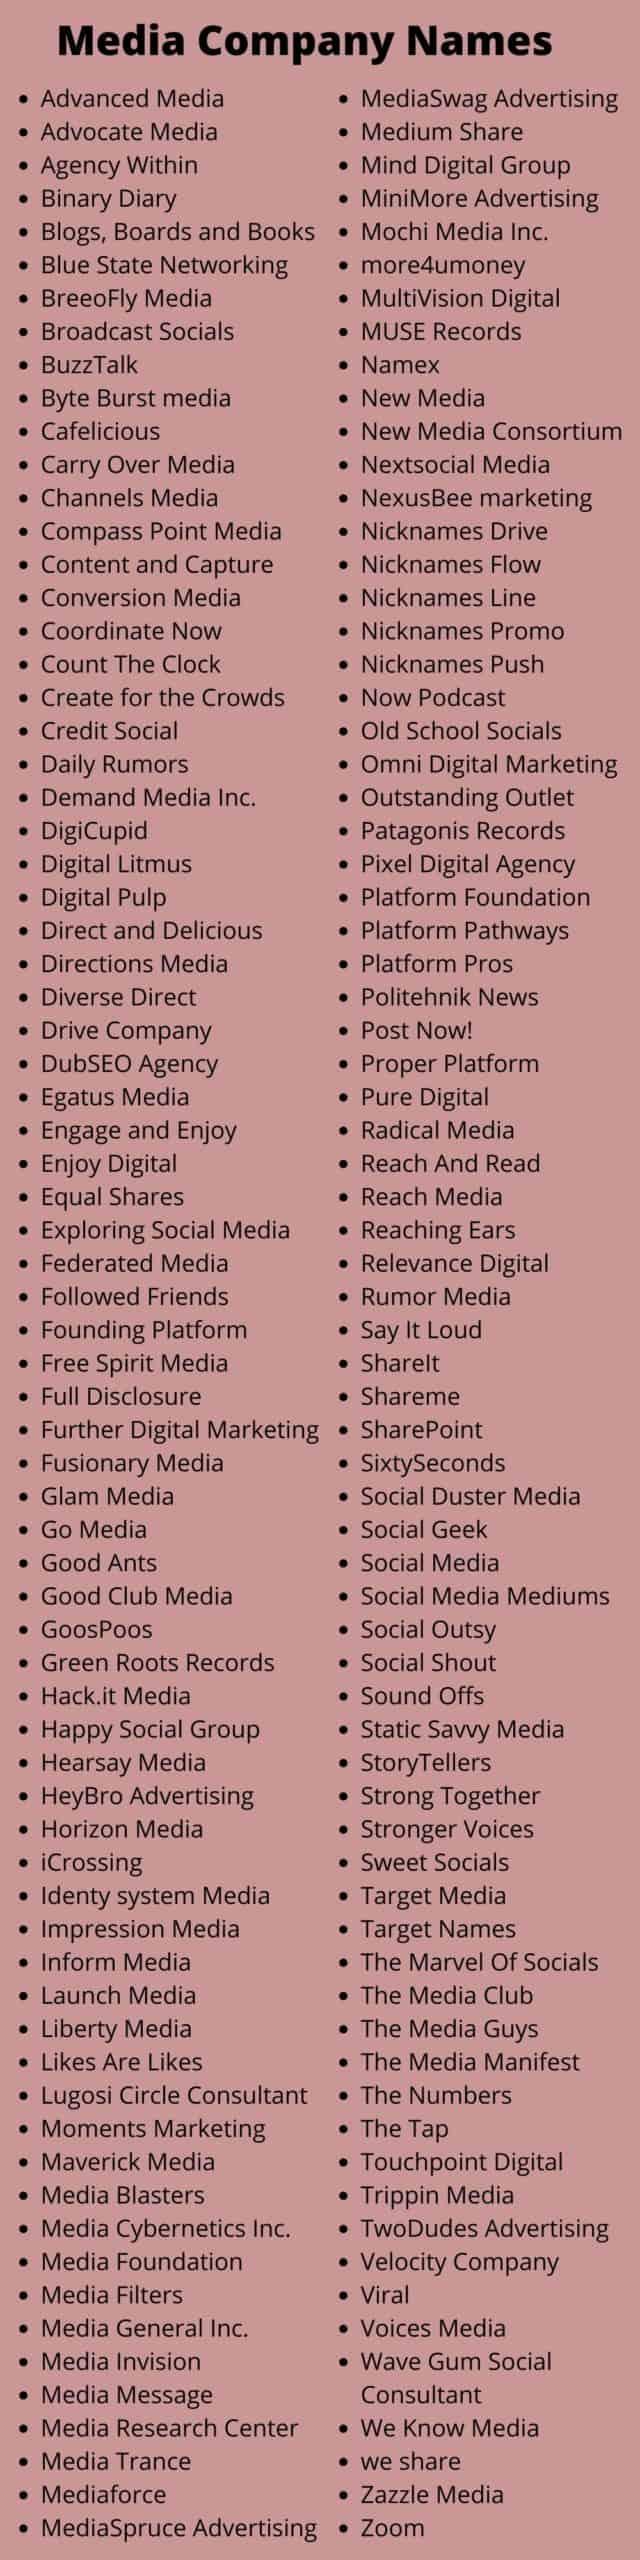 Media Company Names